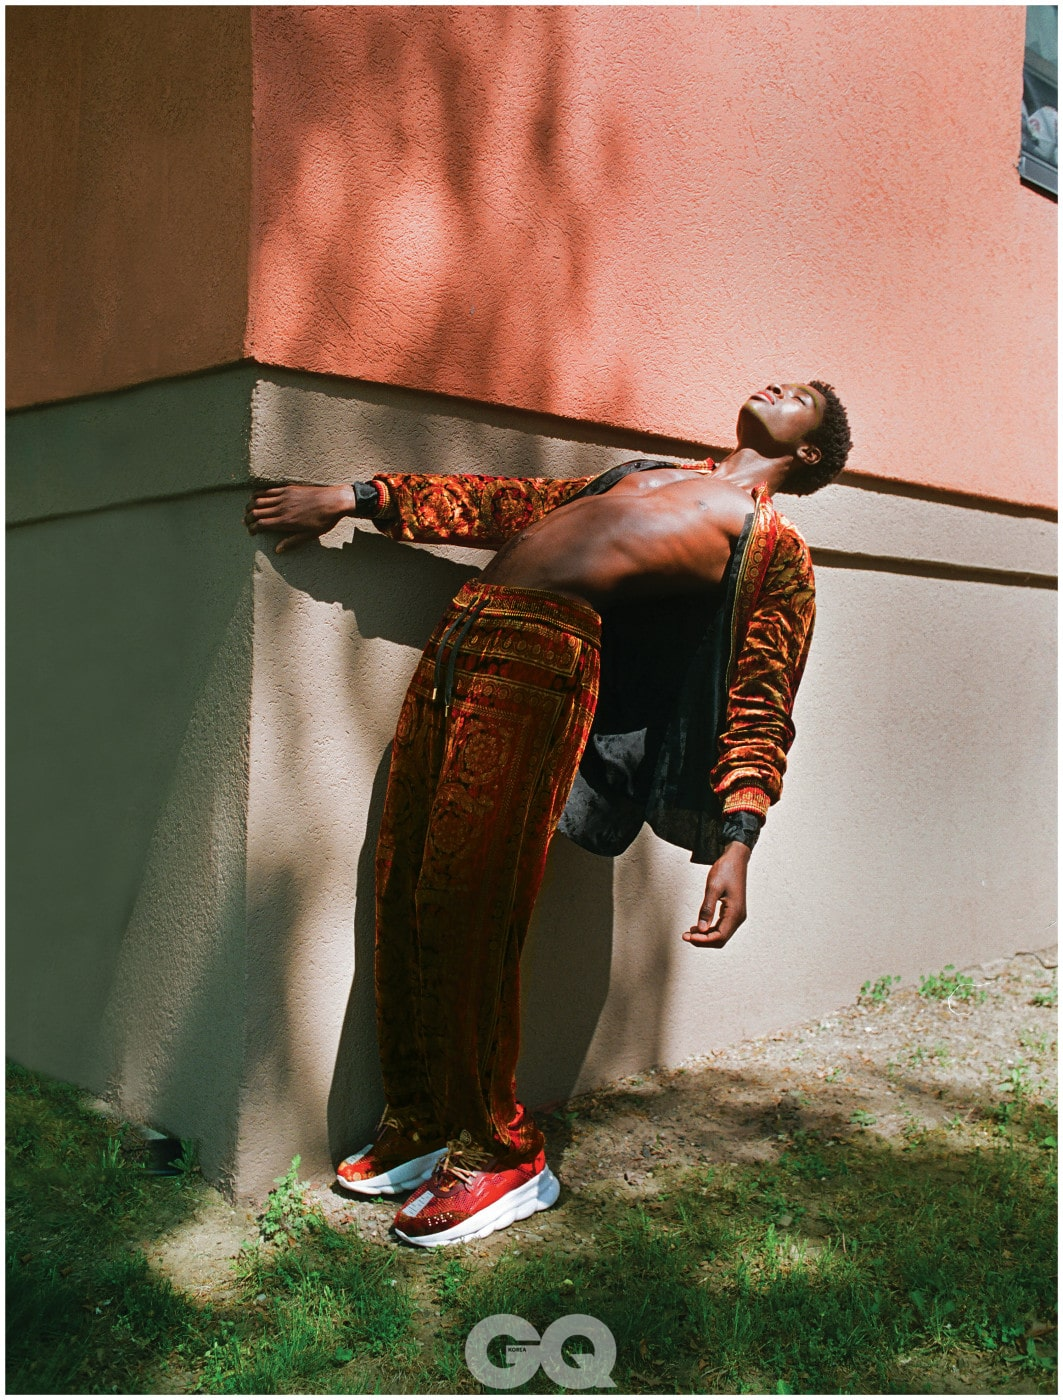 벨벳 재킷과 팬츠, 운동화, 모두 베르사체. 블랙 셔츠,  생 로랑 by 안토니 바카렐로.